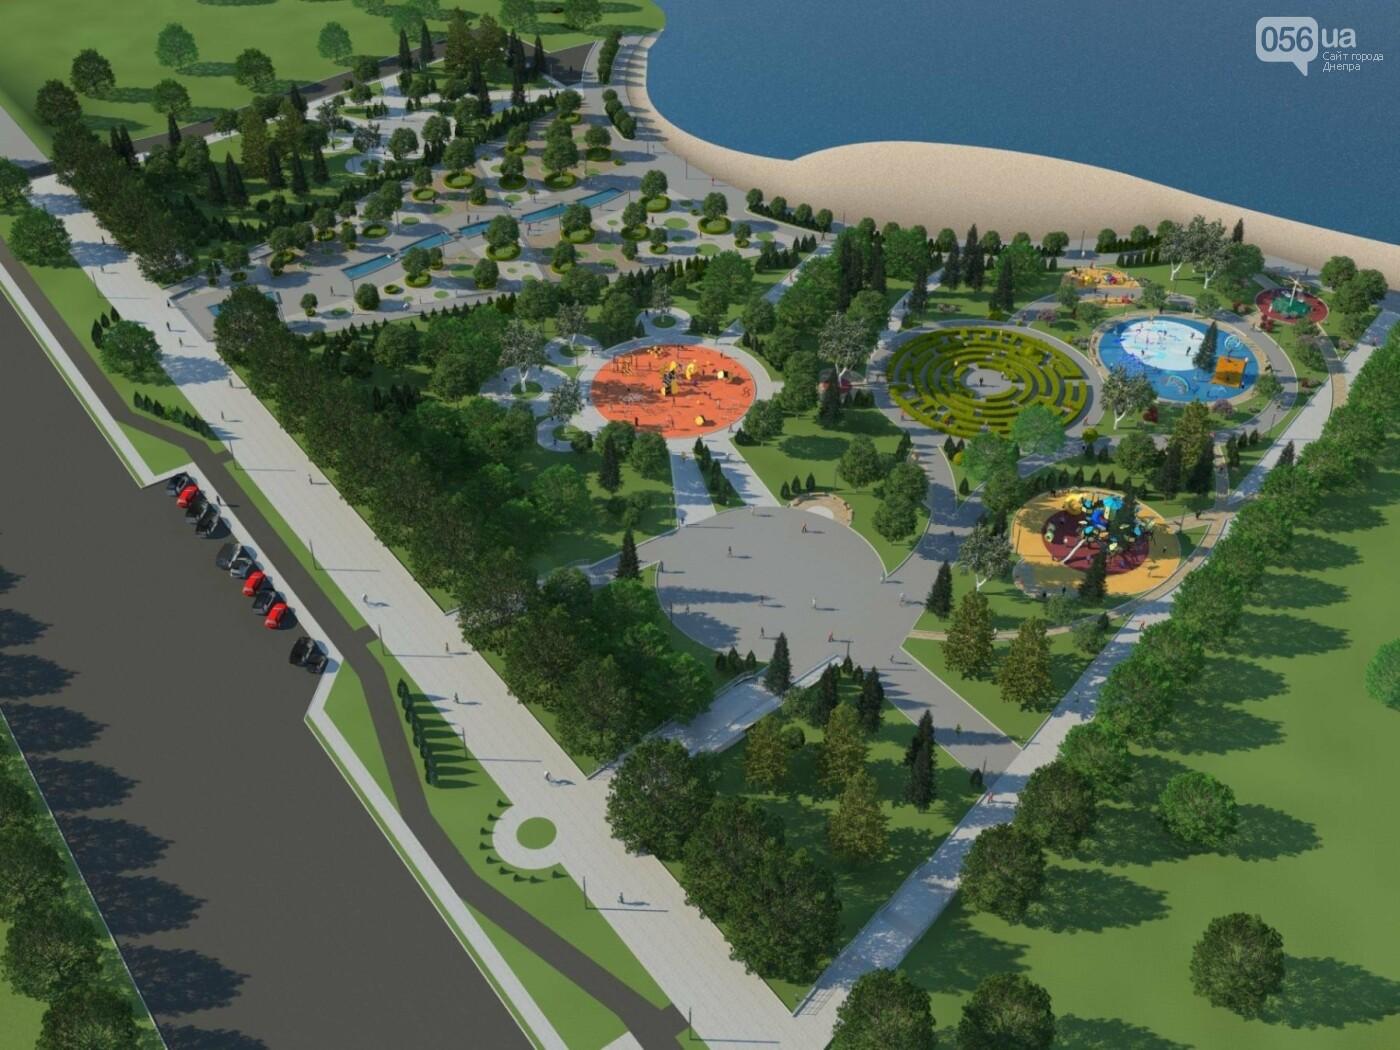 Новый парк в Днепре: какой будет Набережная Победы после реконструкции, фото-5